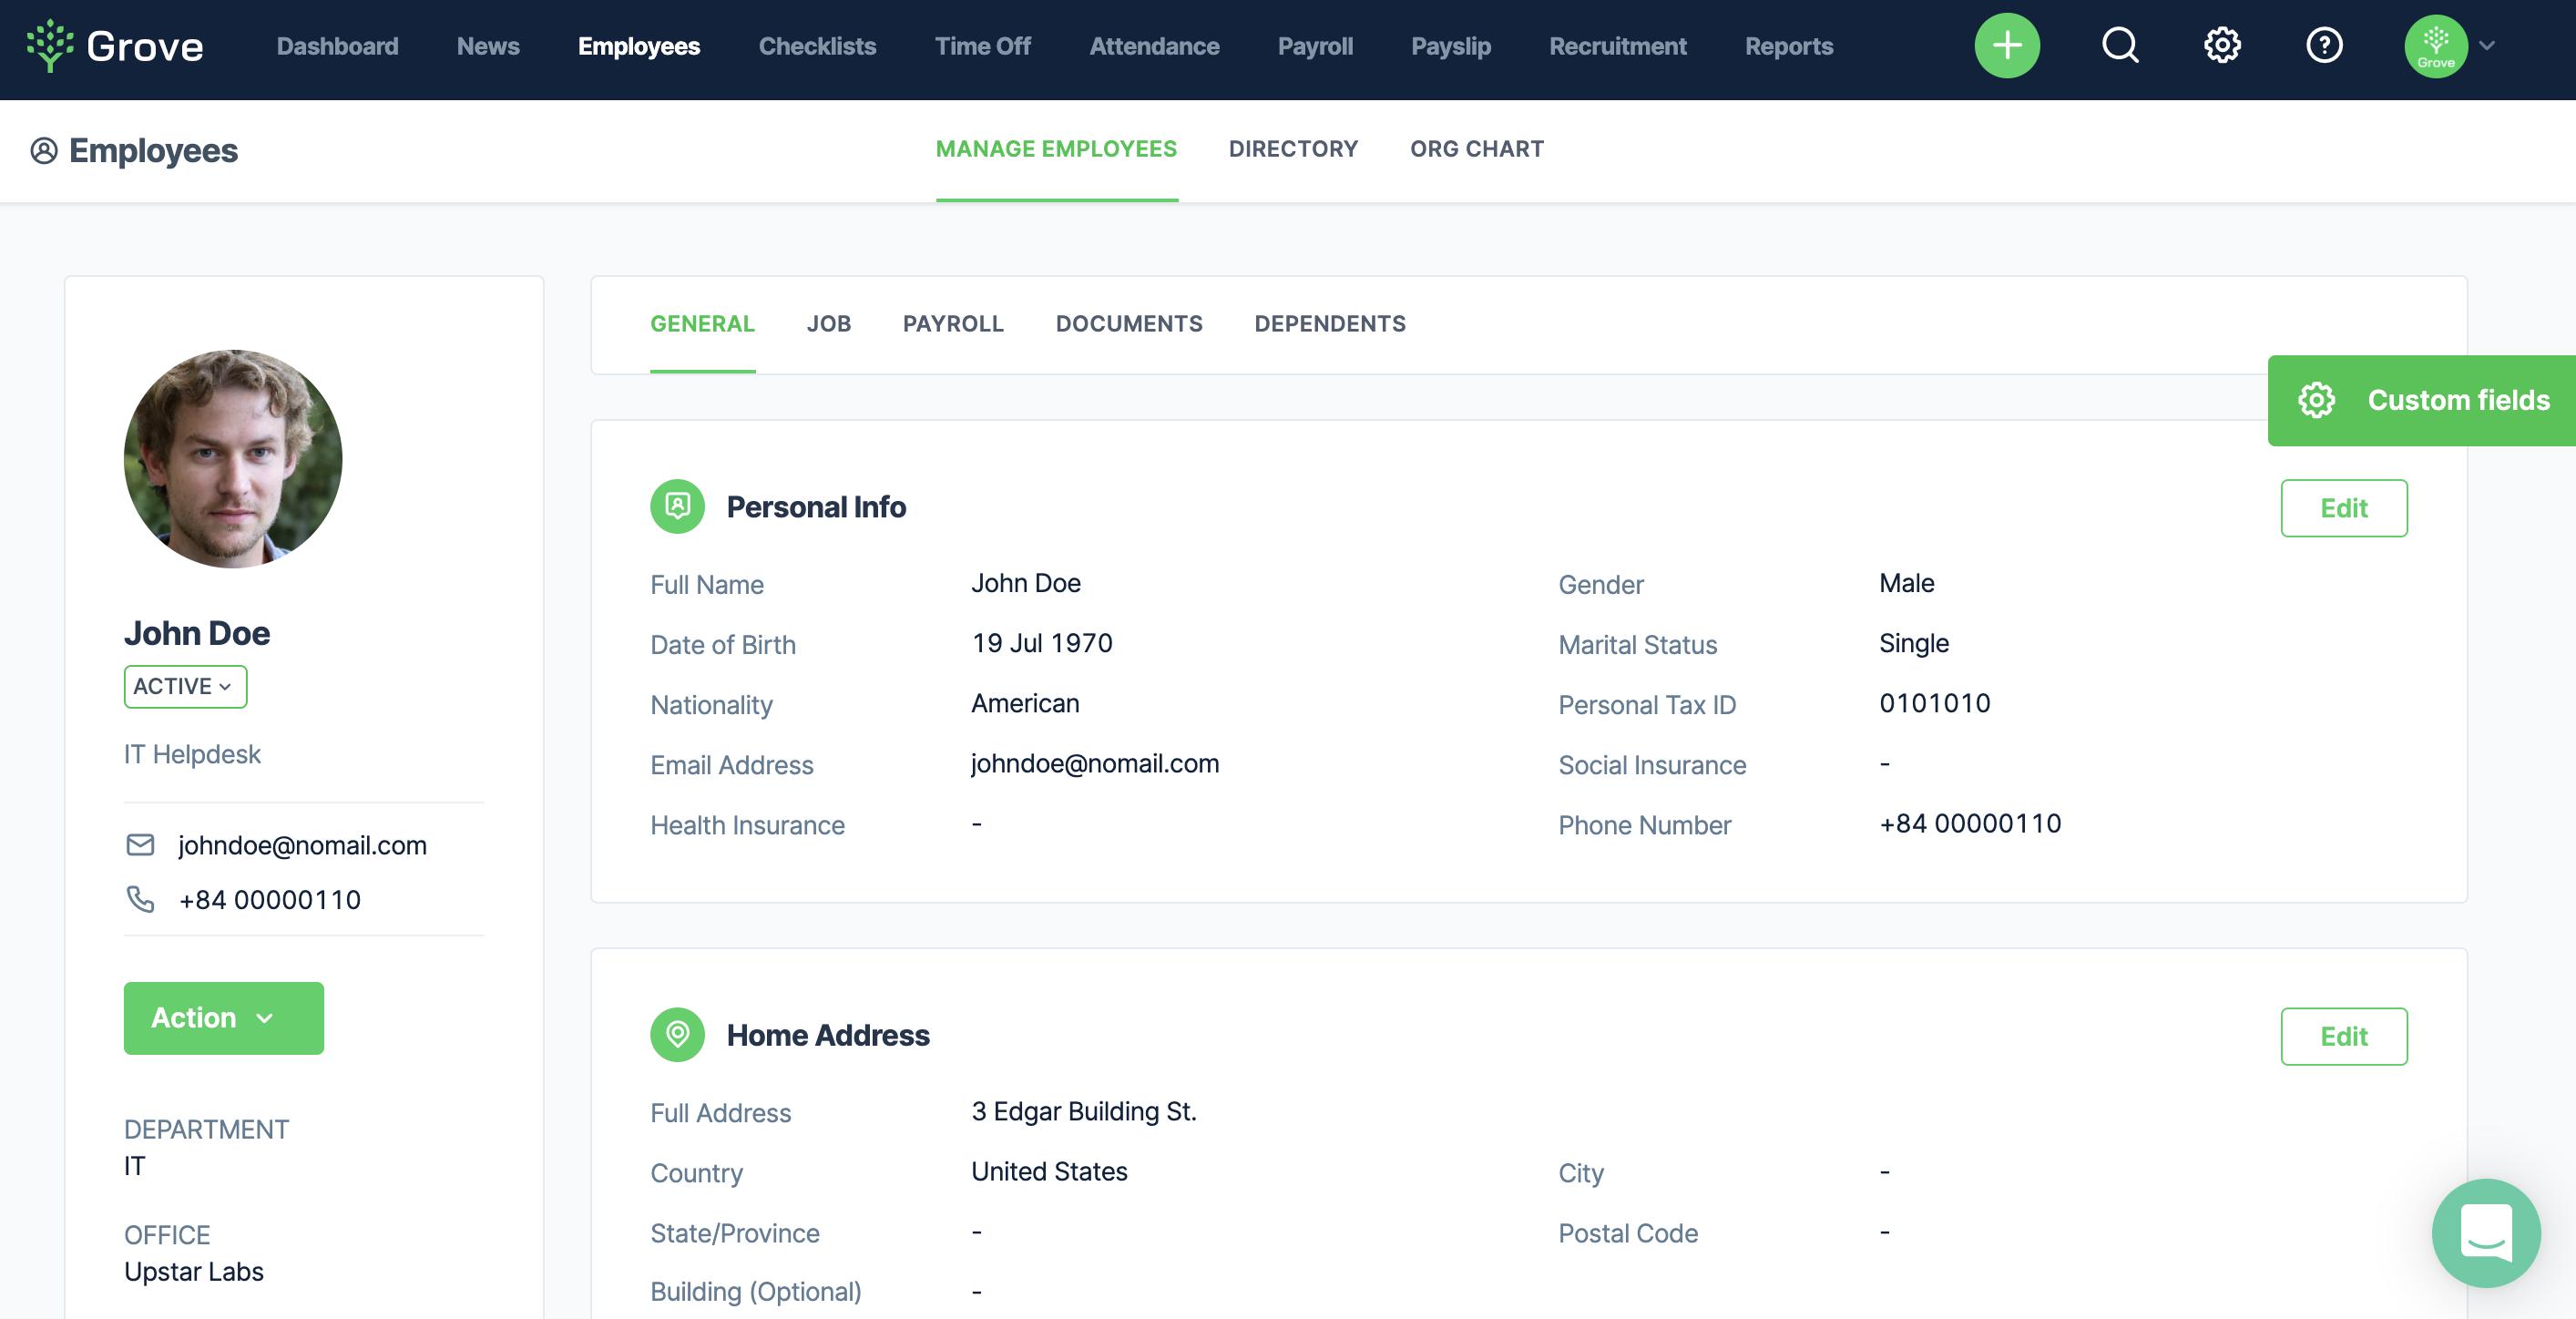 Add Custom Fields in Employee profile